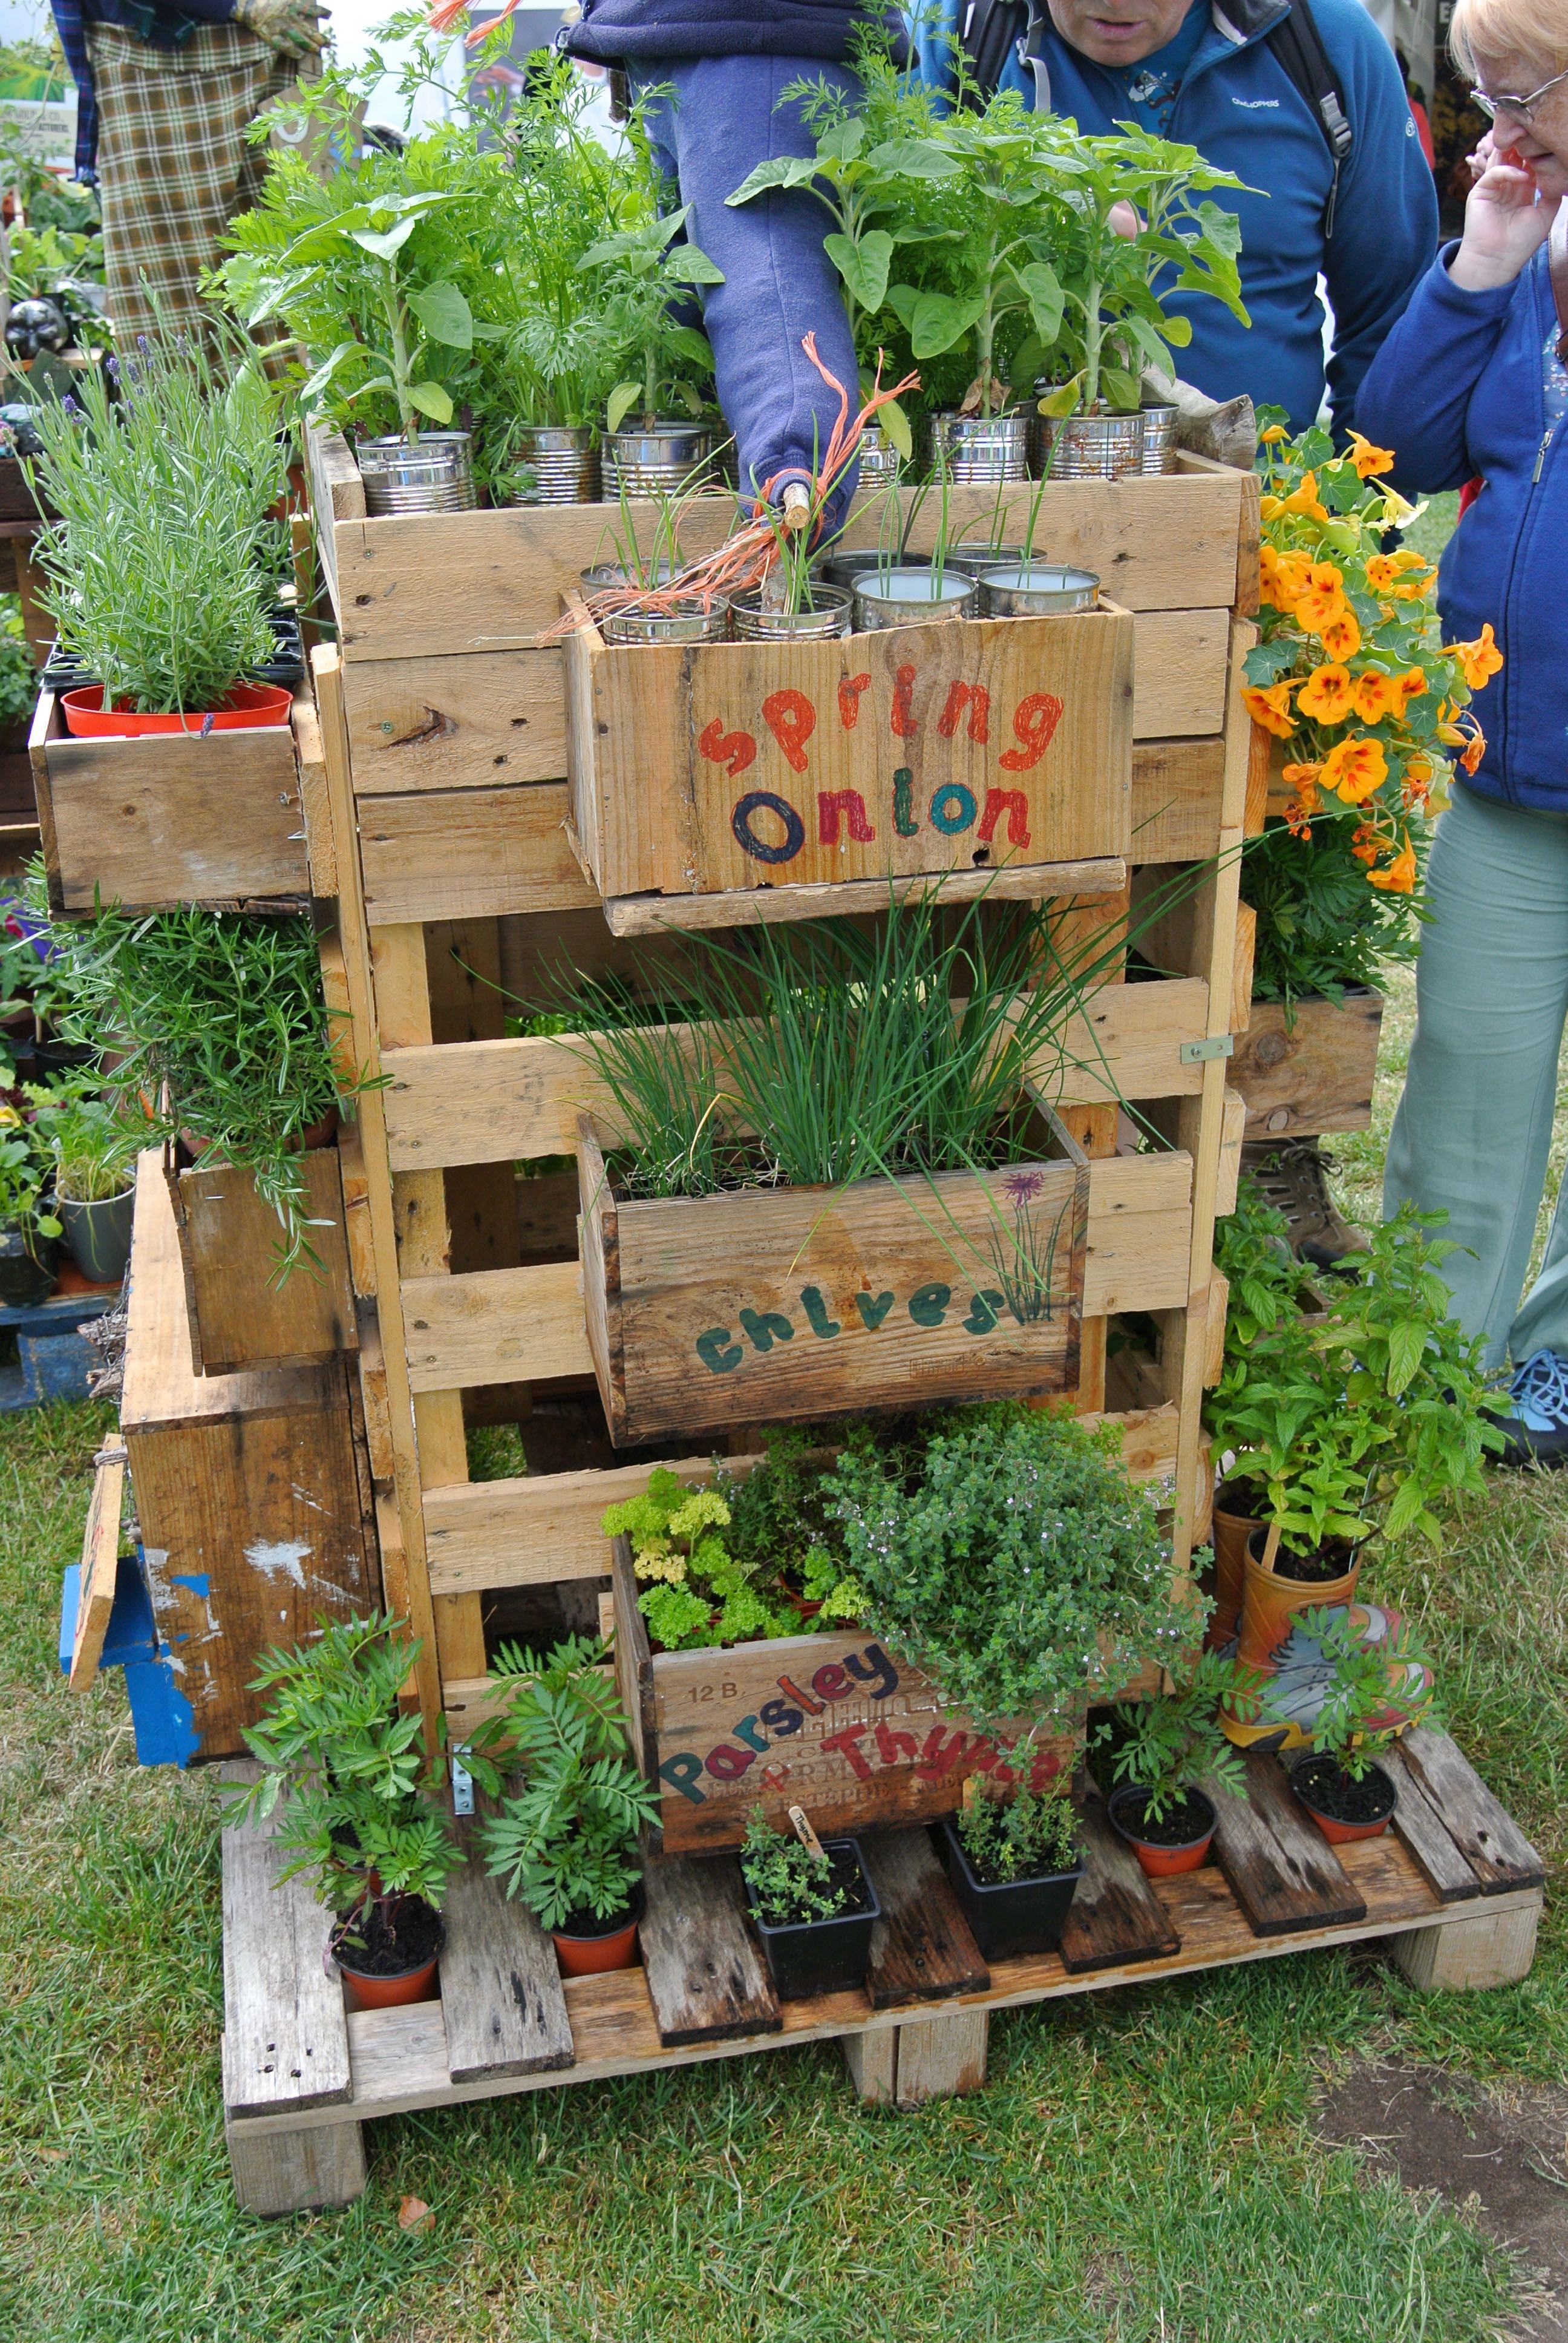 Gardening Scotland Pallet Gardens – Garthdee Allotments